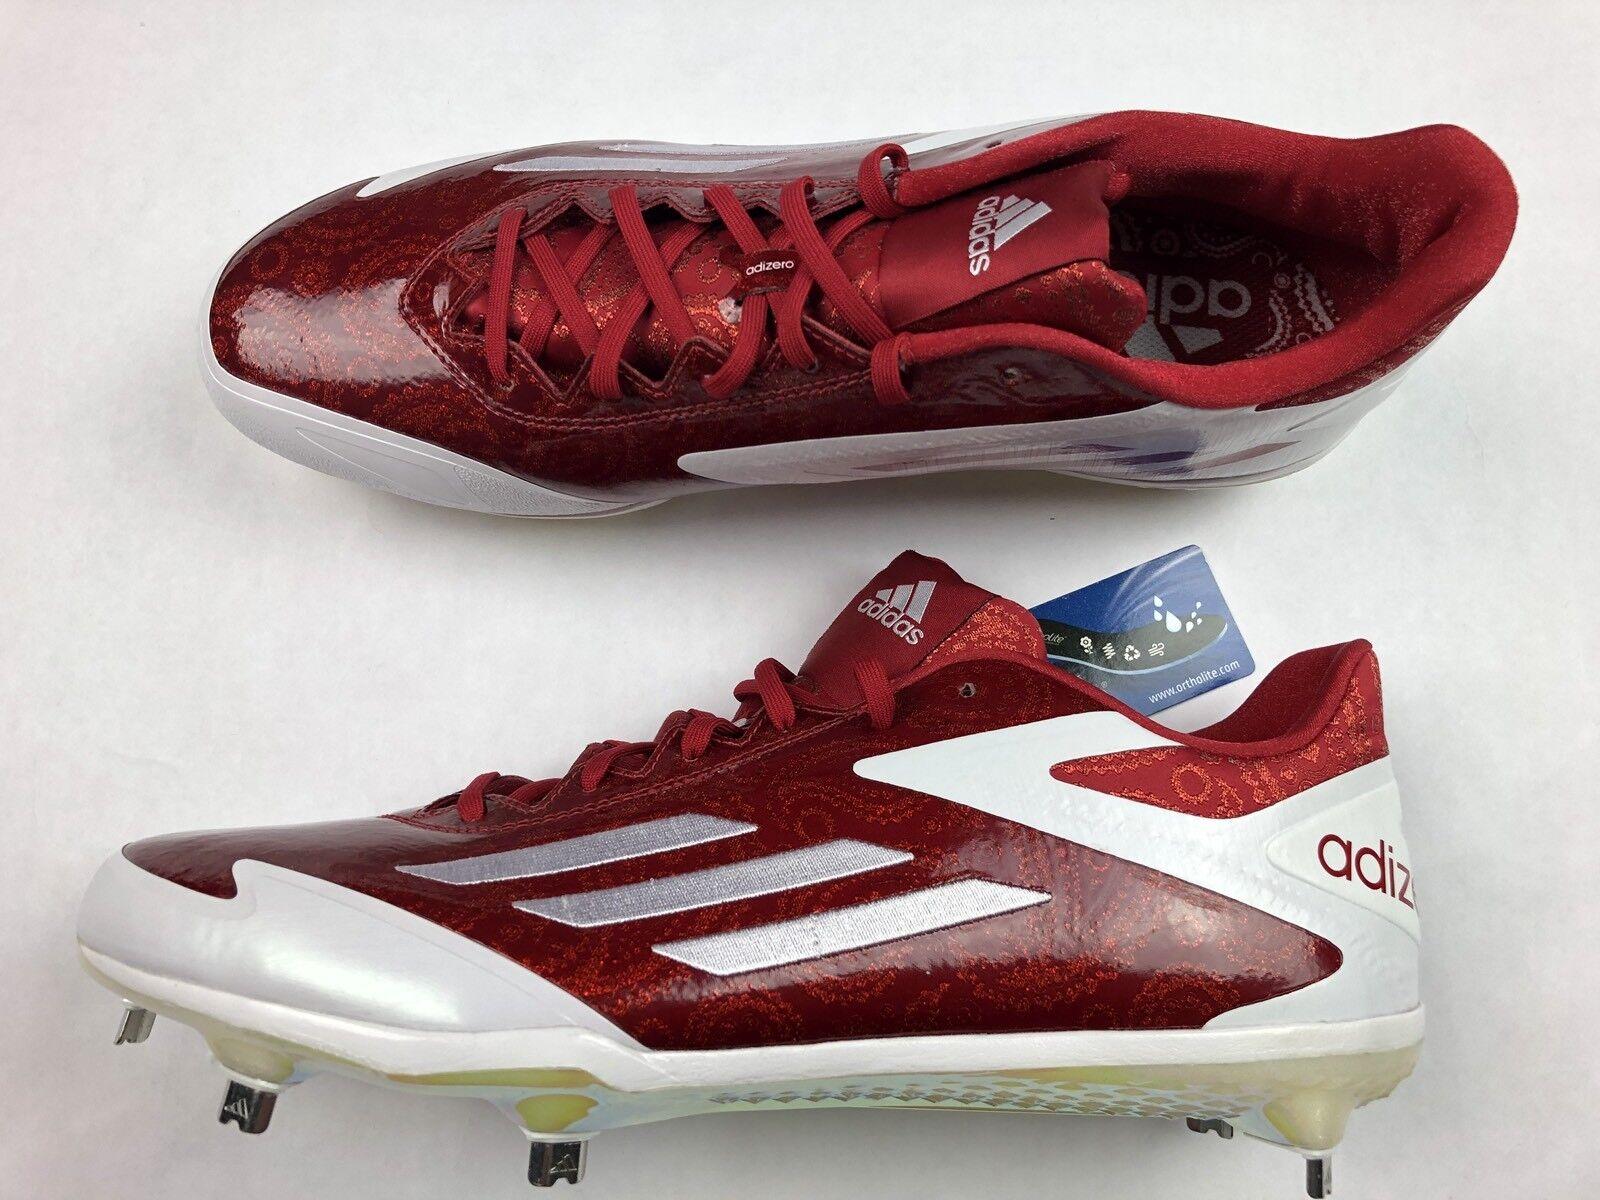 Nuove adidas adizero b39047 postbruciatore scarpe da baseball b39047 adizero padri giorno red paisley 13 2c8a82